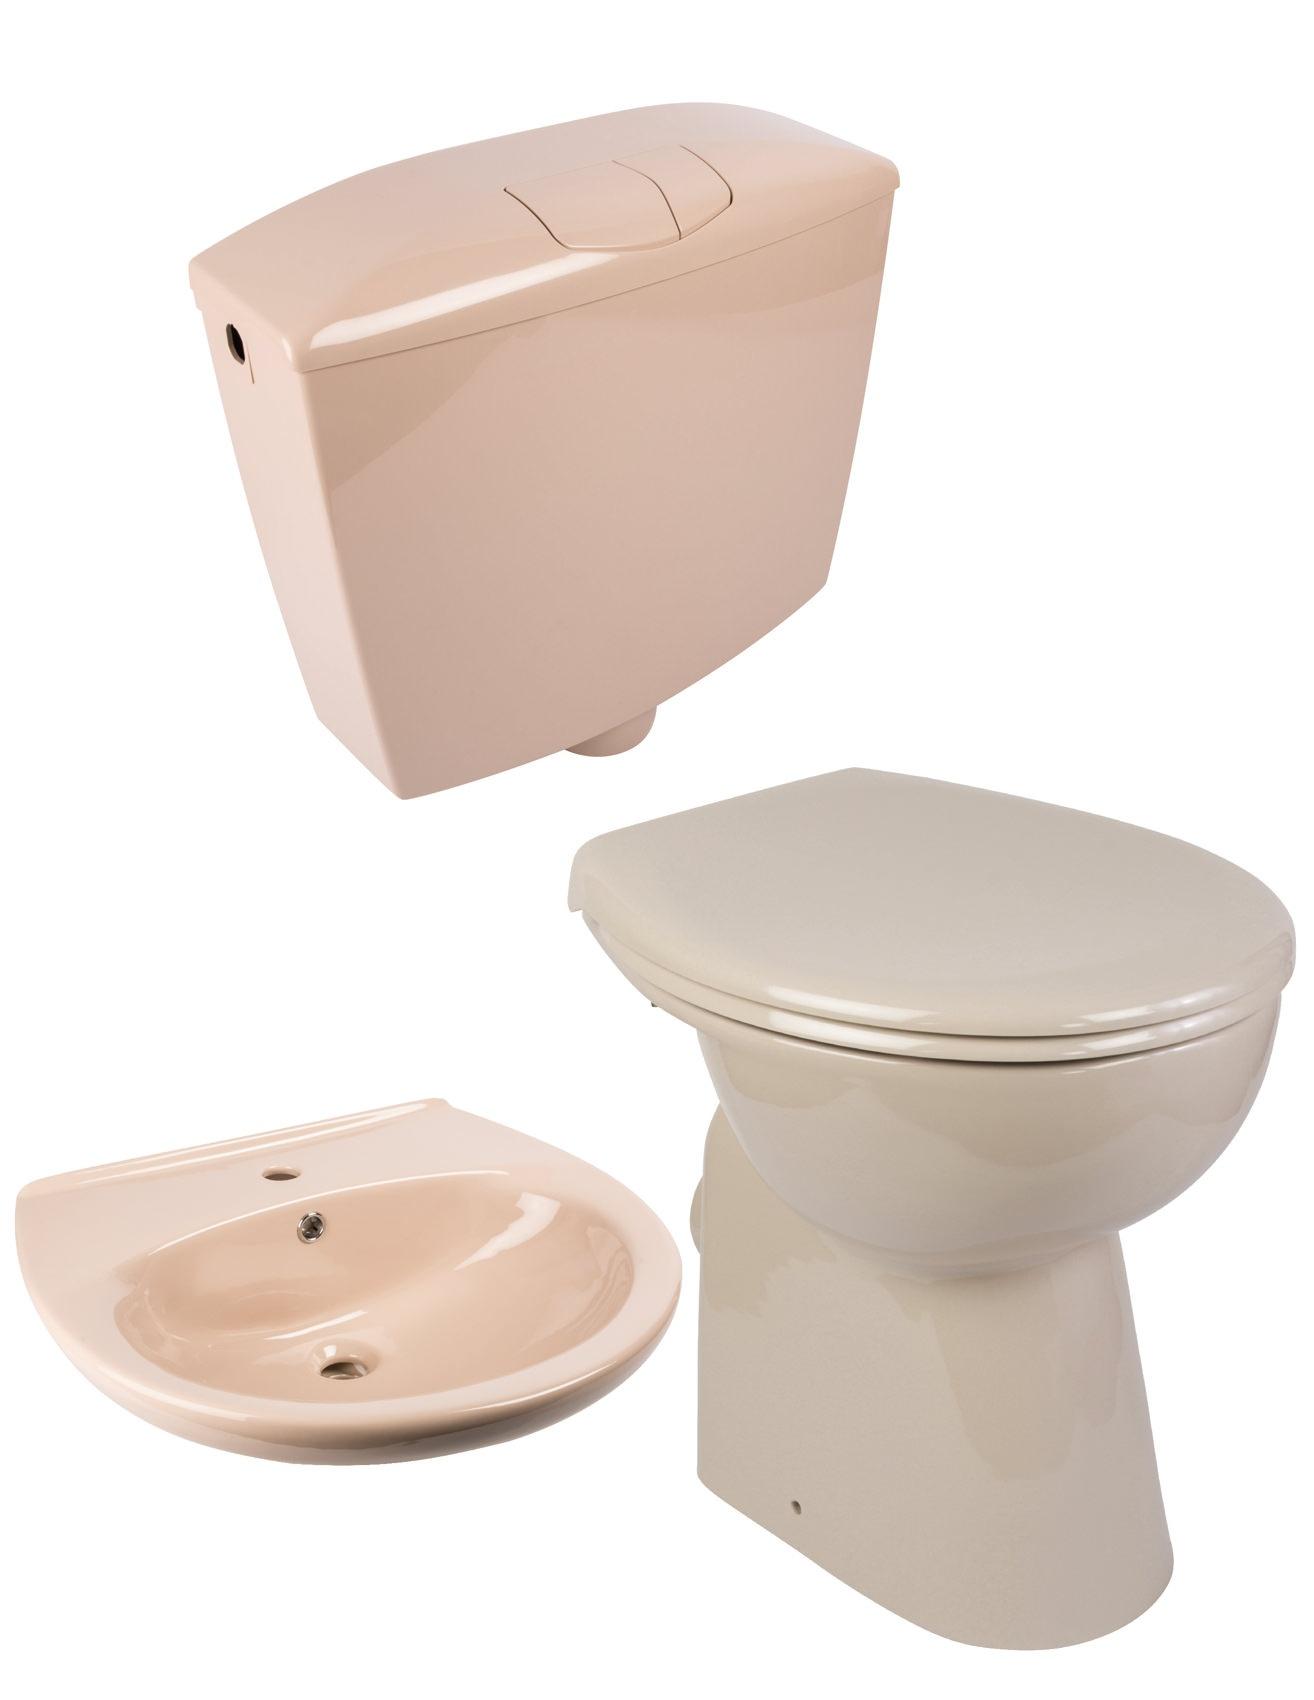 Extrem Stand-WCs sicher mit Bestellschutz bei Calmwaters kaufen TZ83